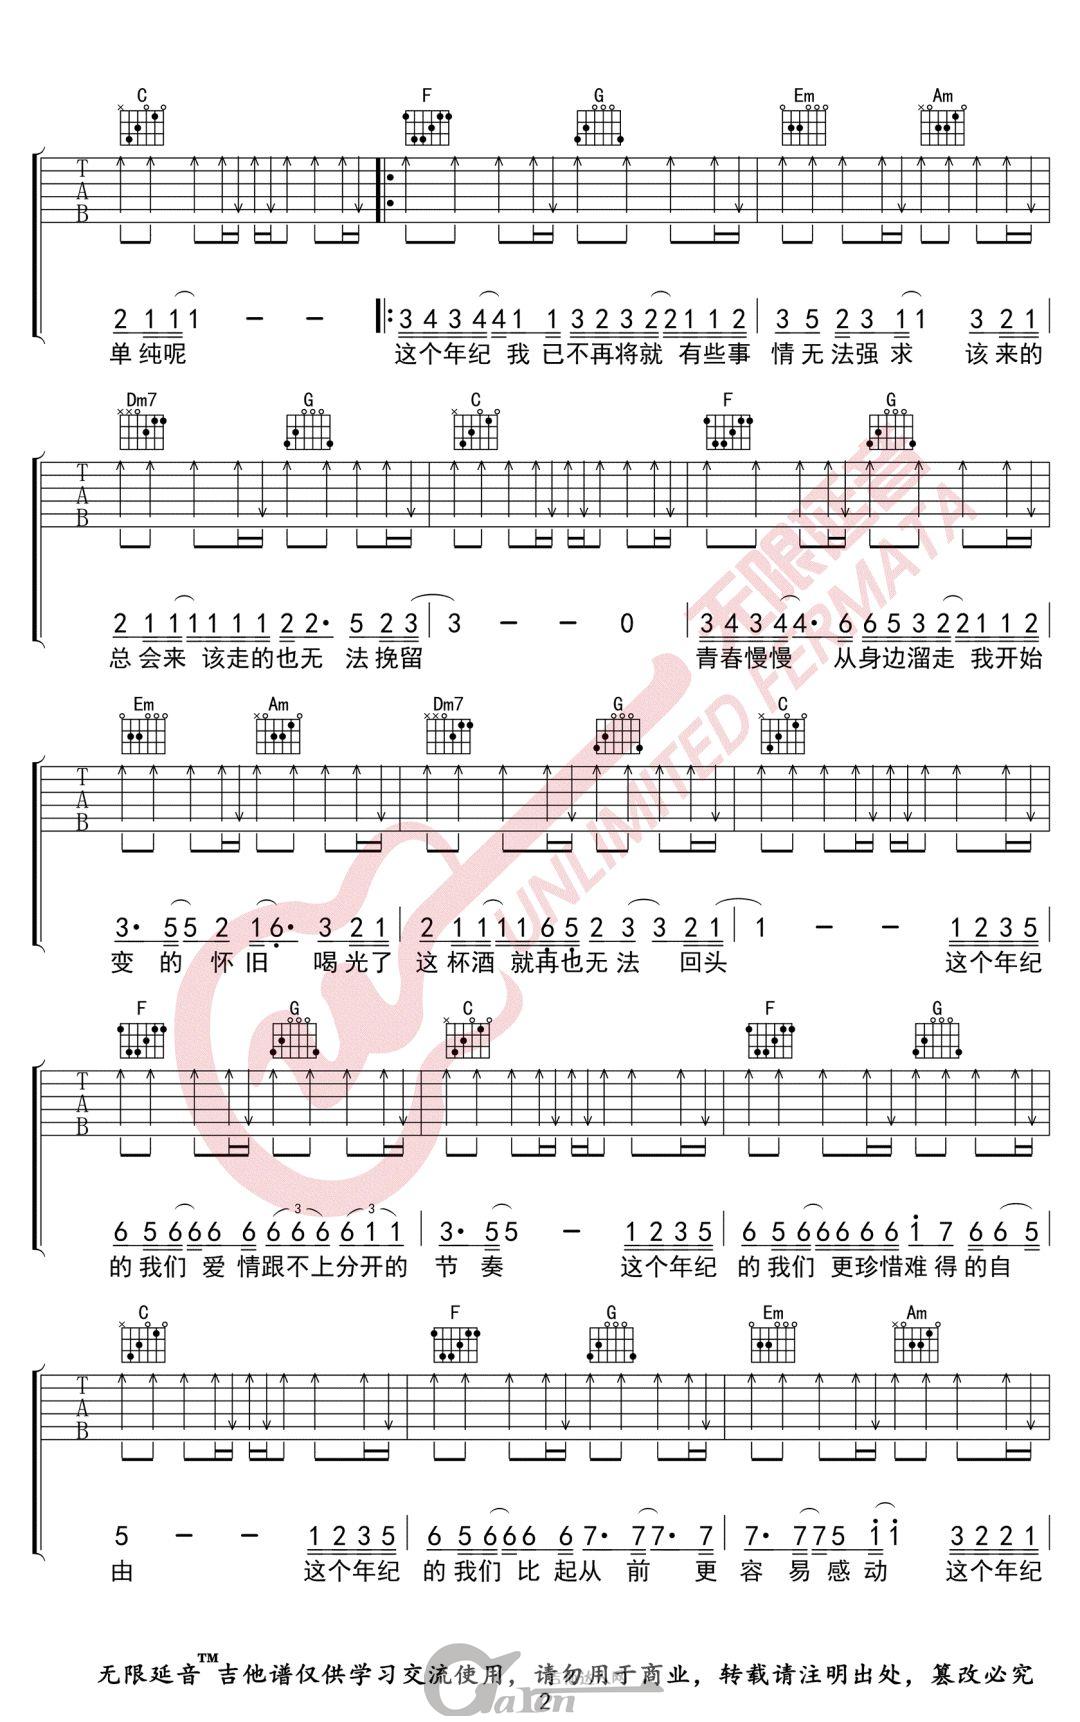 齐一《这个年纪》C调吉他谱_吉他教学视频_吉他达人网